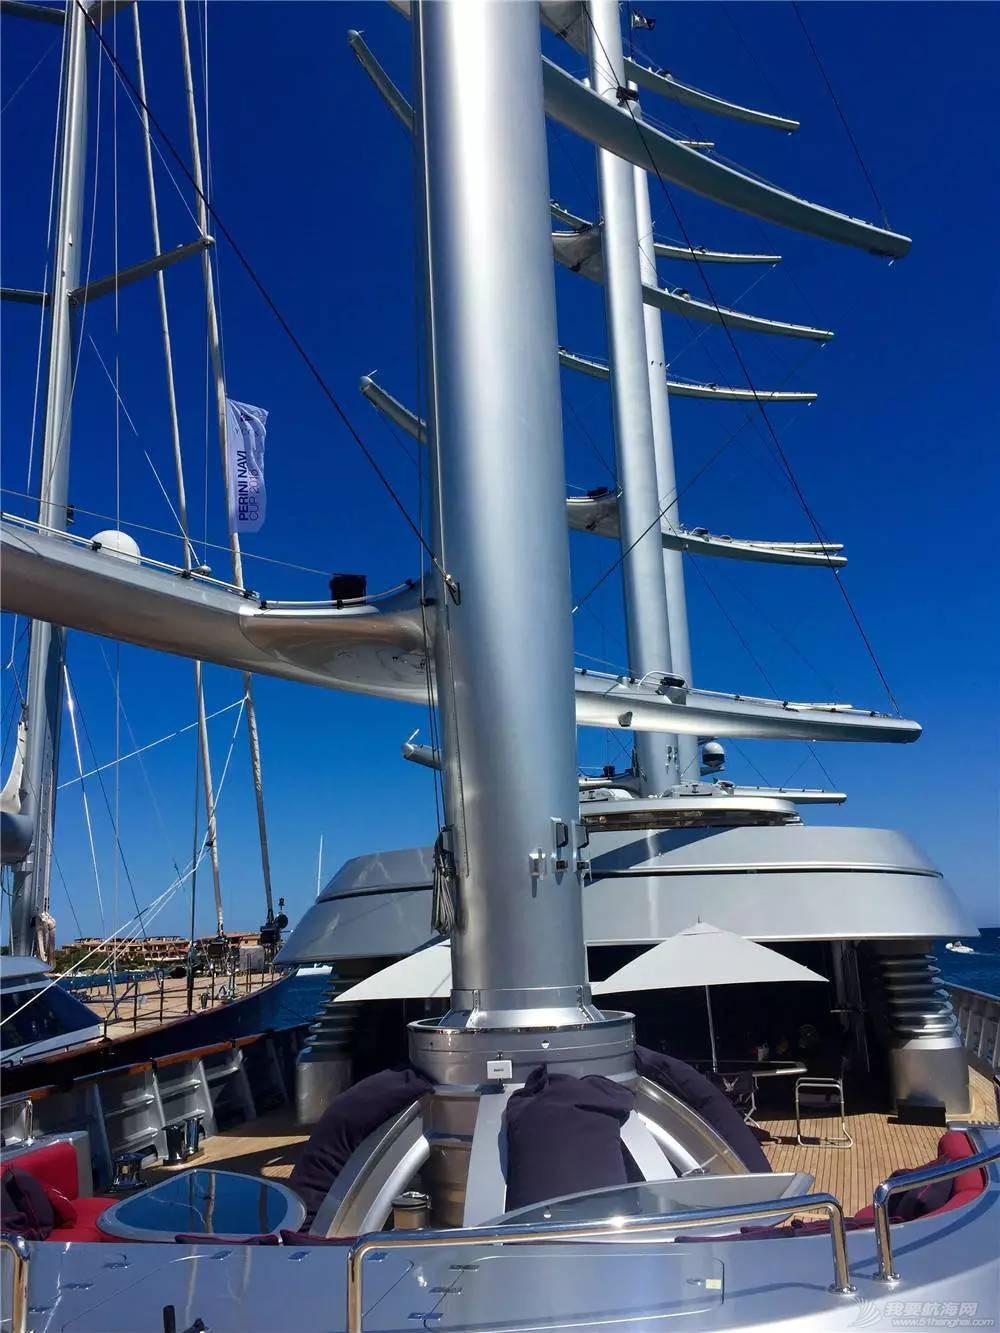 北京时间,意大利,撒丁岛,马耳他,总经理 佩里尼超级大帆船赛亚洲第一人----李剑 f7471fce29de94653fdb66a1a4712ea6.jpg